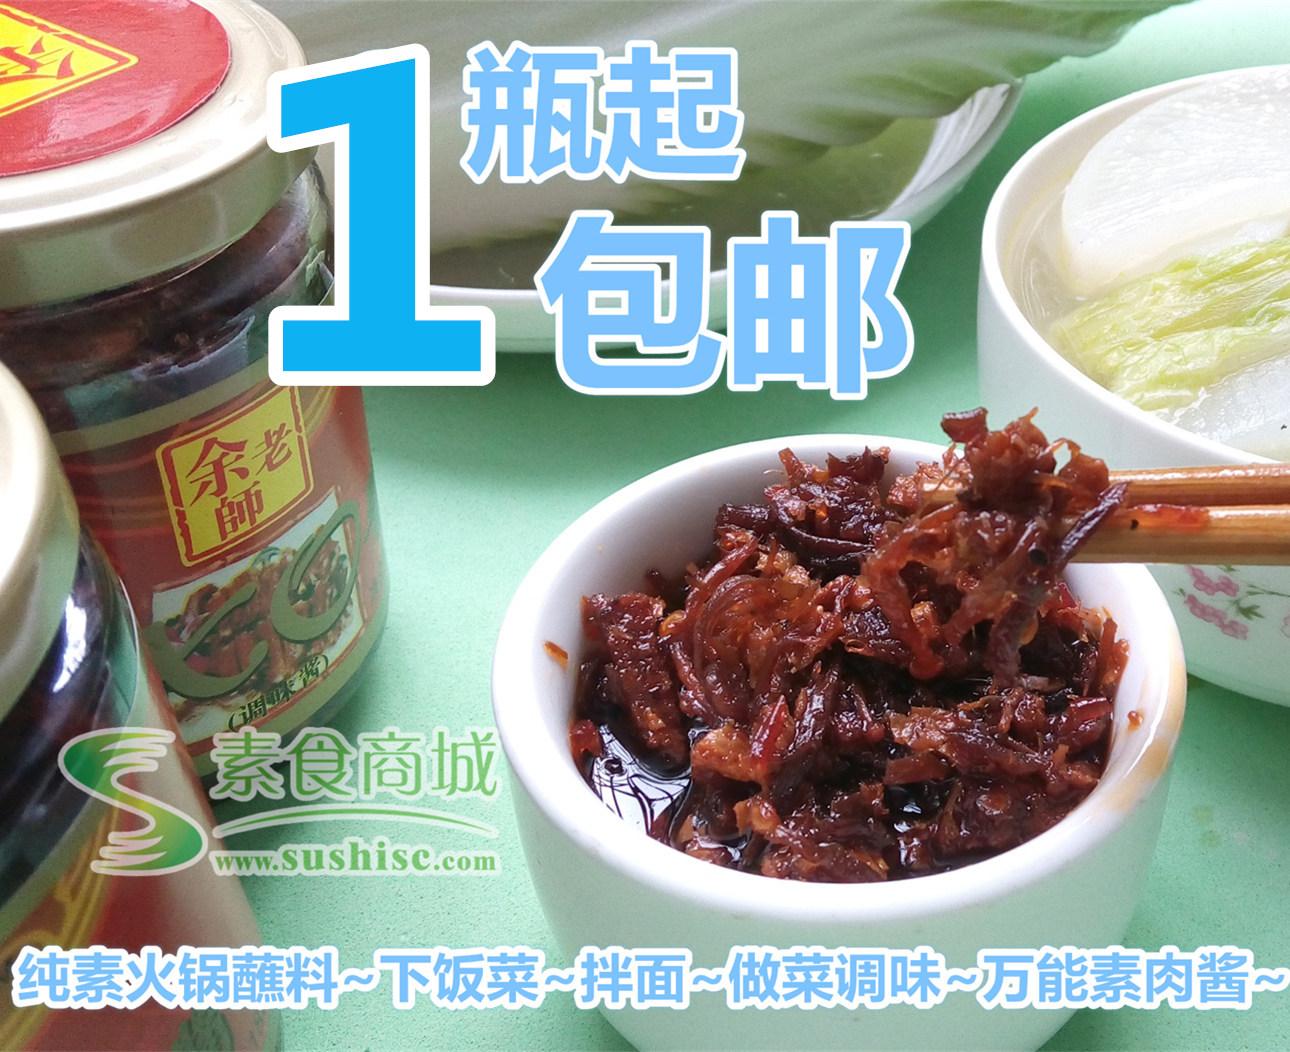 余老师极珍品素XO酱纯素食火锅蘸料火锅蘸酱素肉酱拌面饭调味酱料